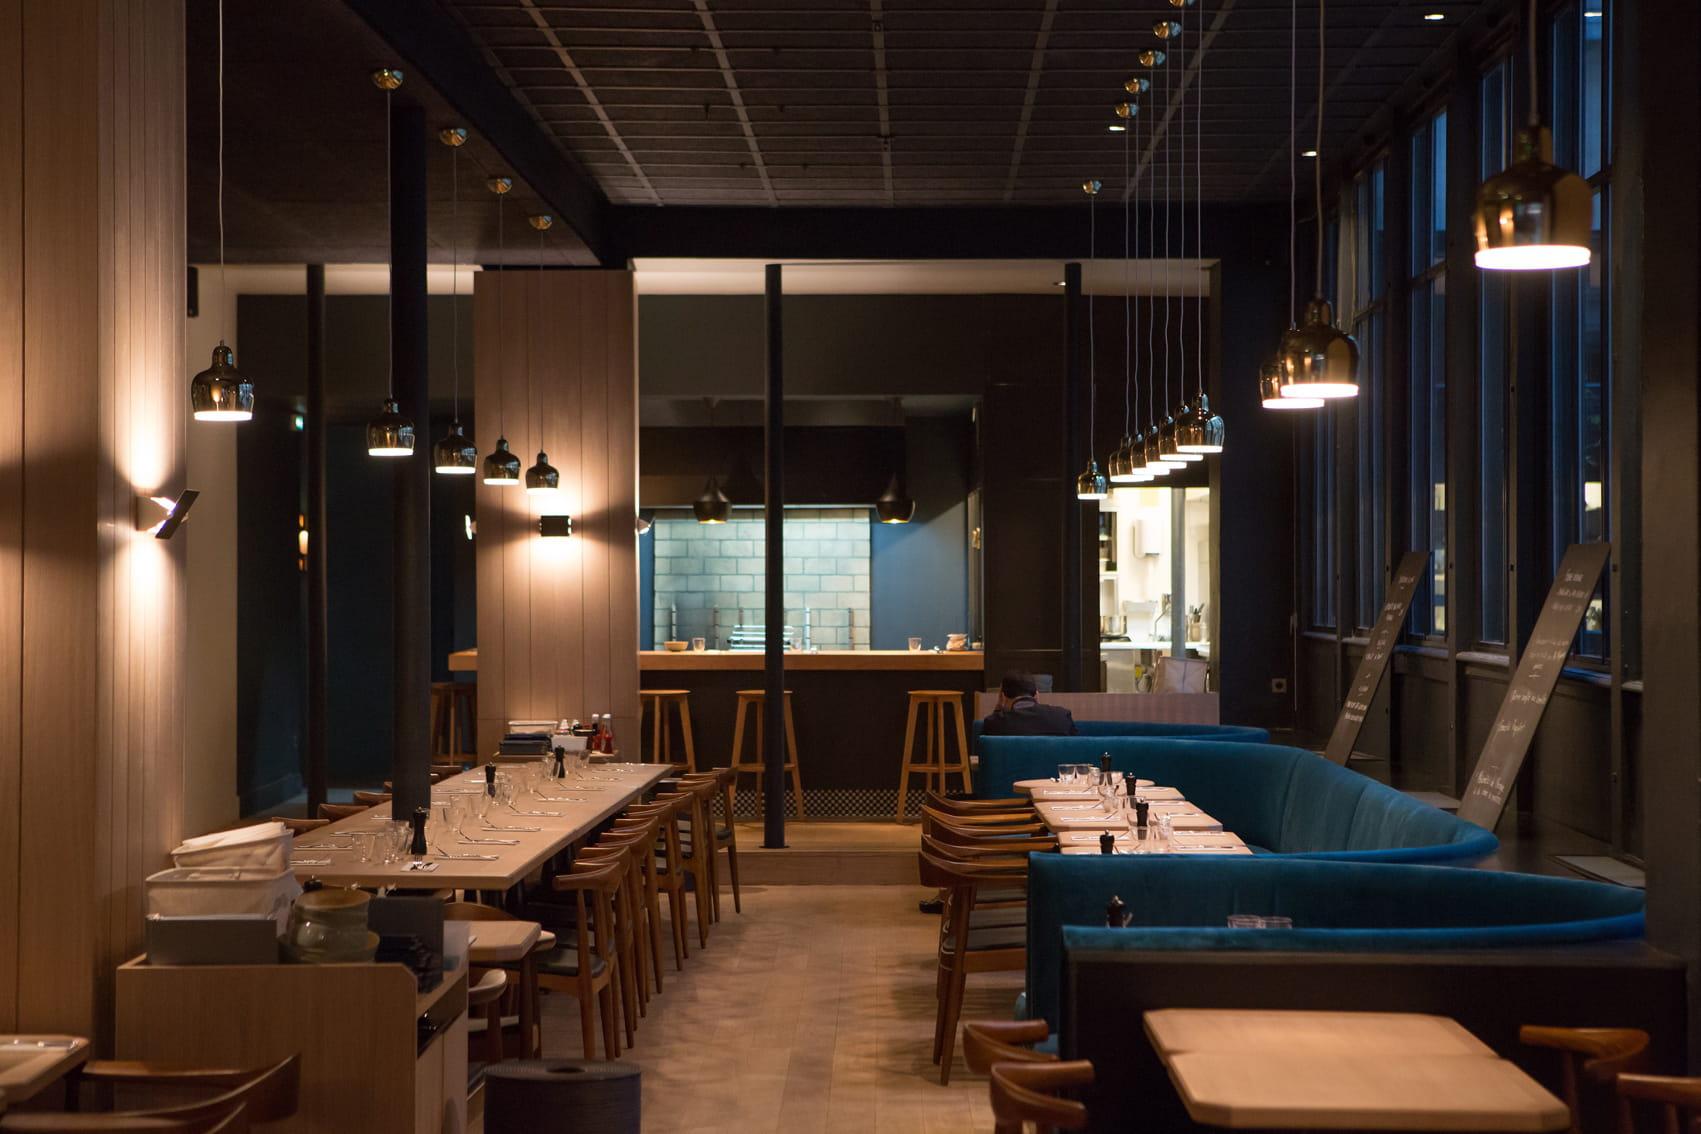 Beaucoup dans le marais les meilleurs restaurants avec for Cuisine ouverte restaurant